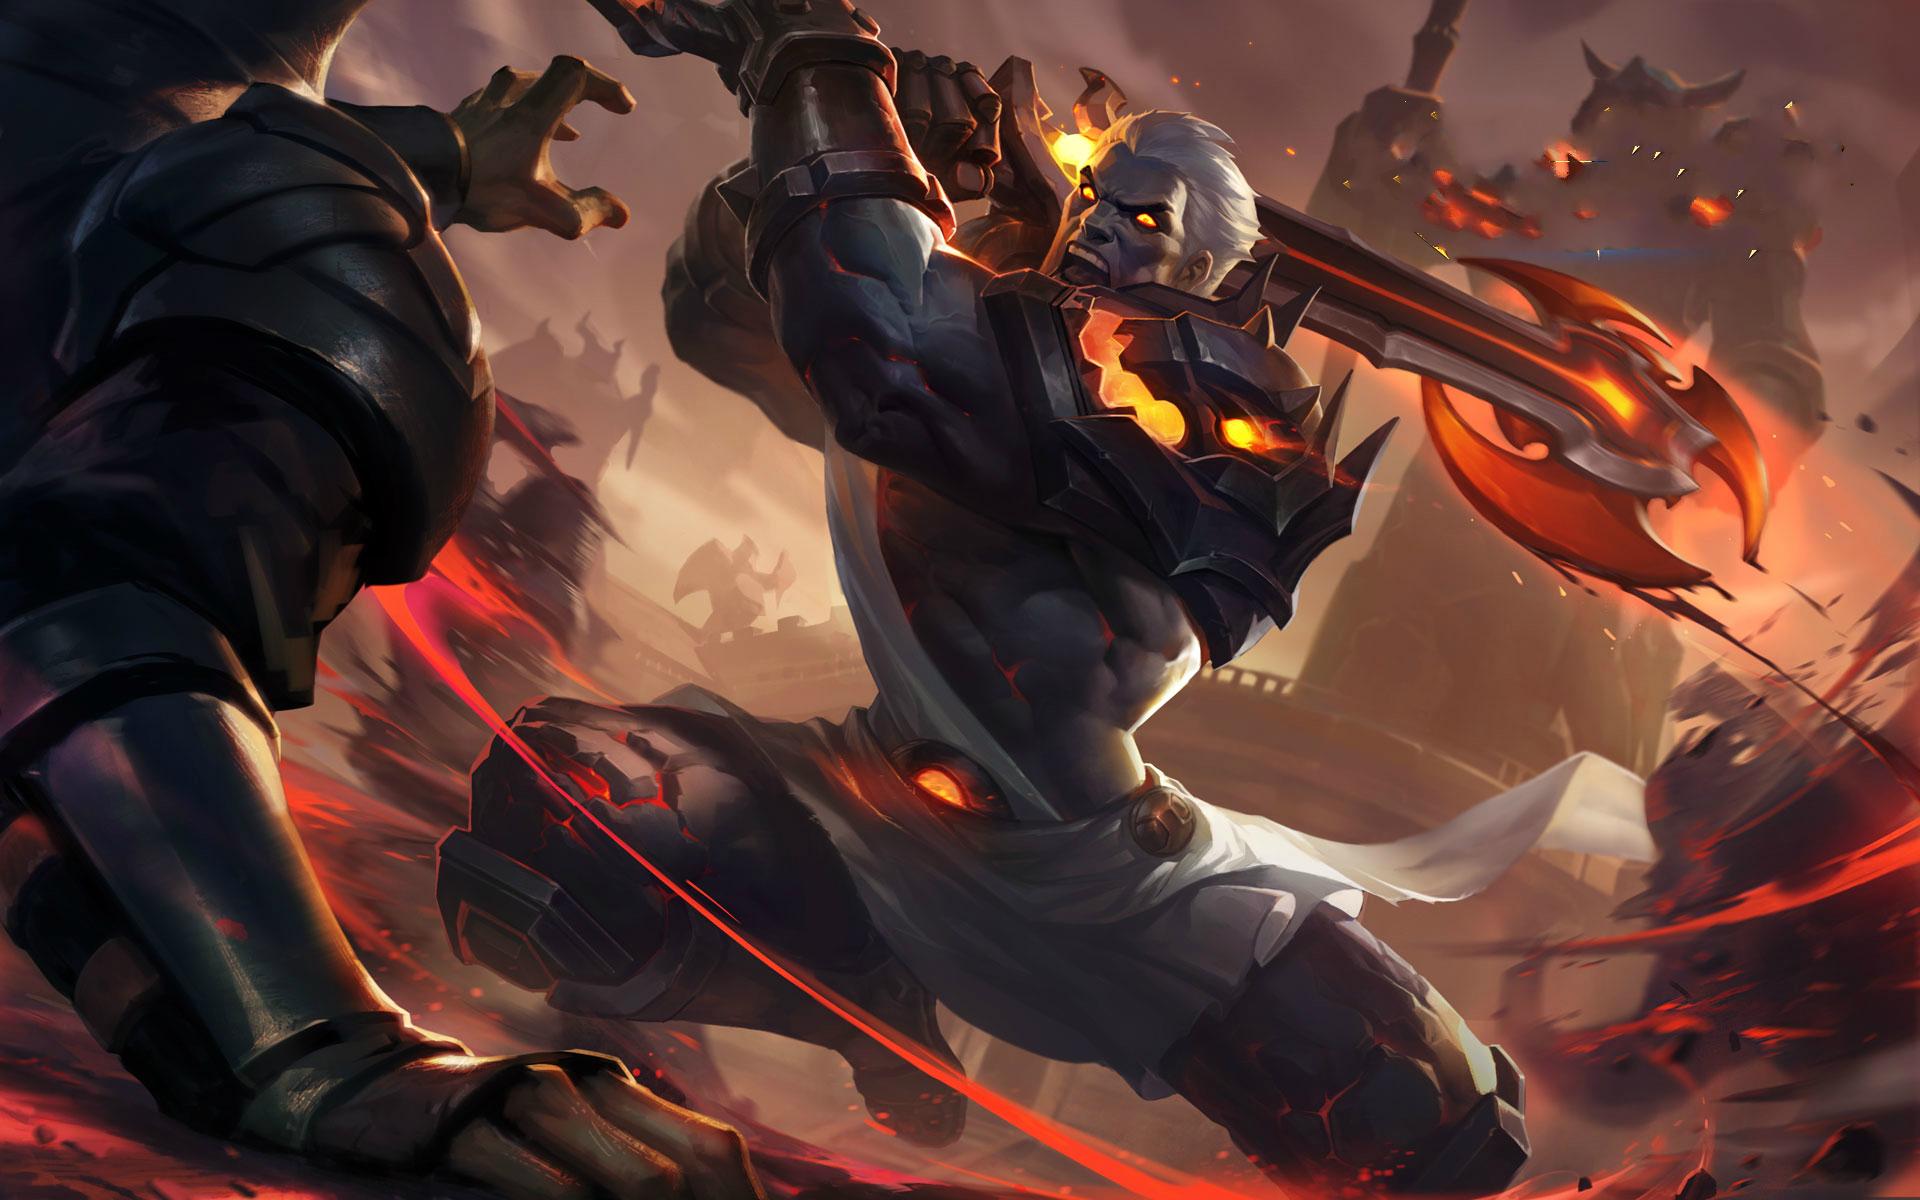 「英魂之刃口袋版」12期死亡的缔造者-新英雄死亡骑士初体验